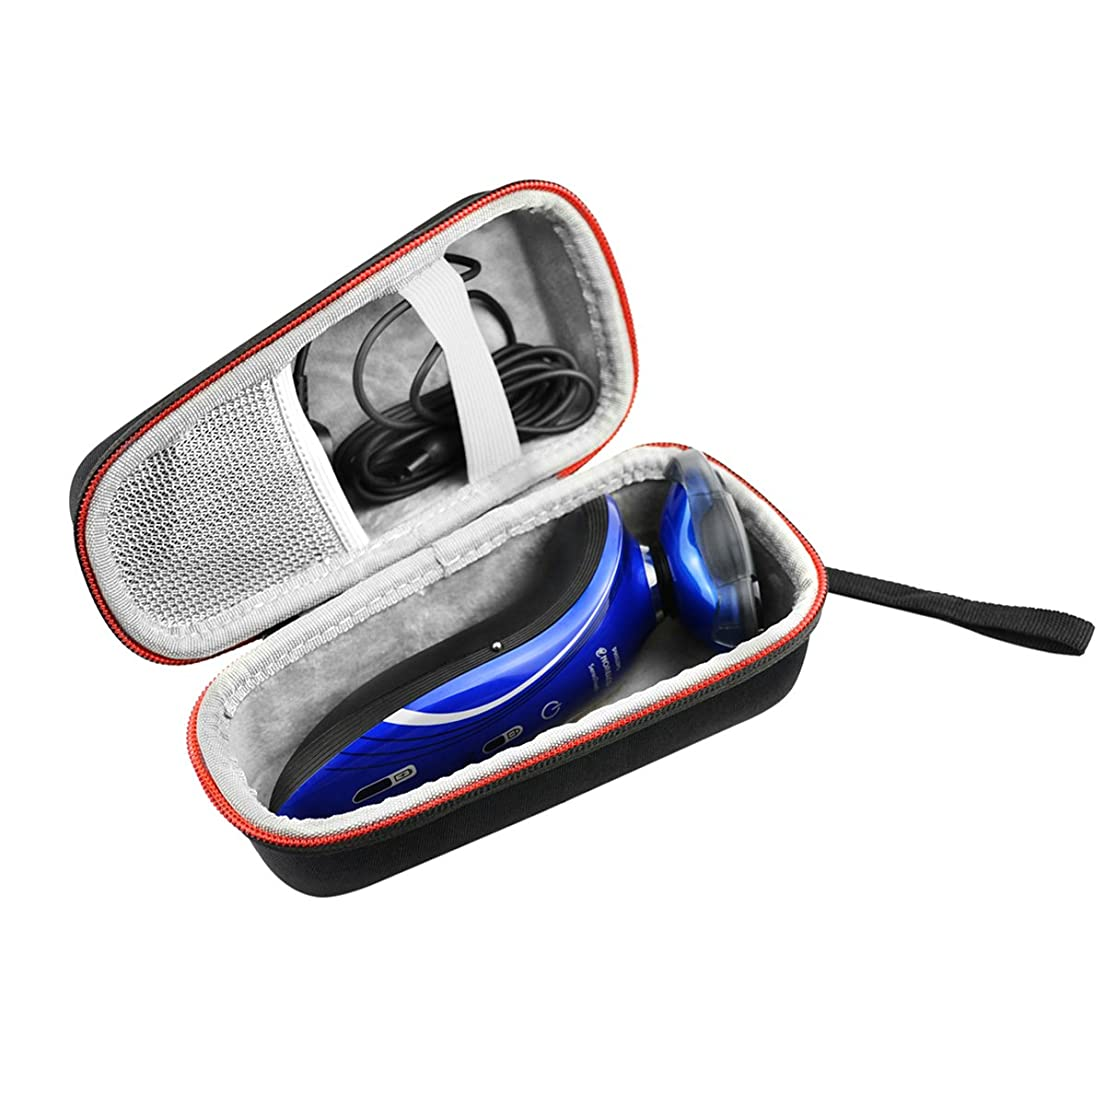 首相群がる法医学Philips フィリップス メンズシェーバー 5000シリーズ S5390/26 S5390/12 S5397/12 S5076/06 S5212/12 S5272/12 S5251/12 S5075/06 S5050/05 スーパー便利な ハードケースバッグ 専用旅行収納 対応 AONKE